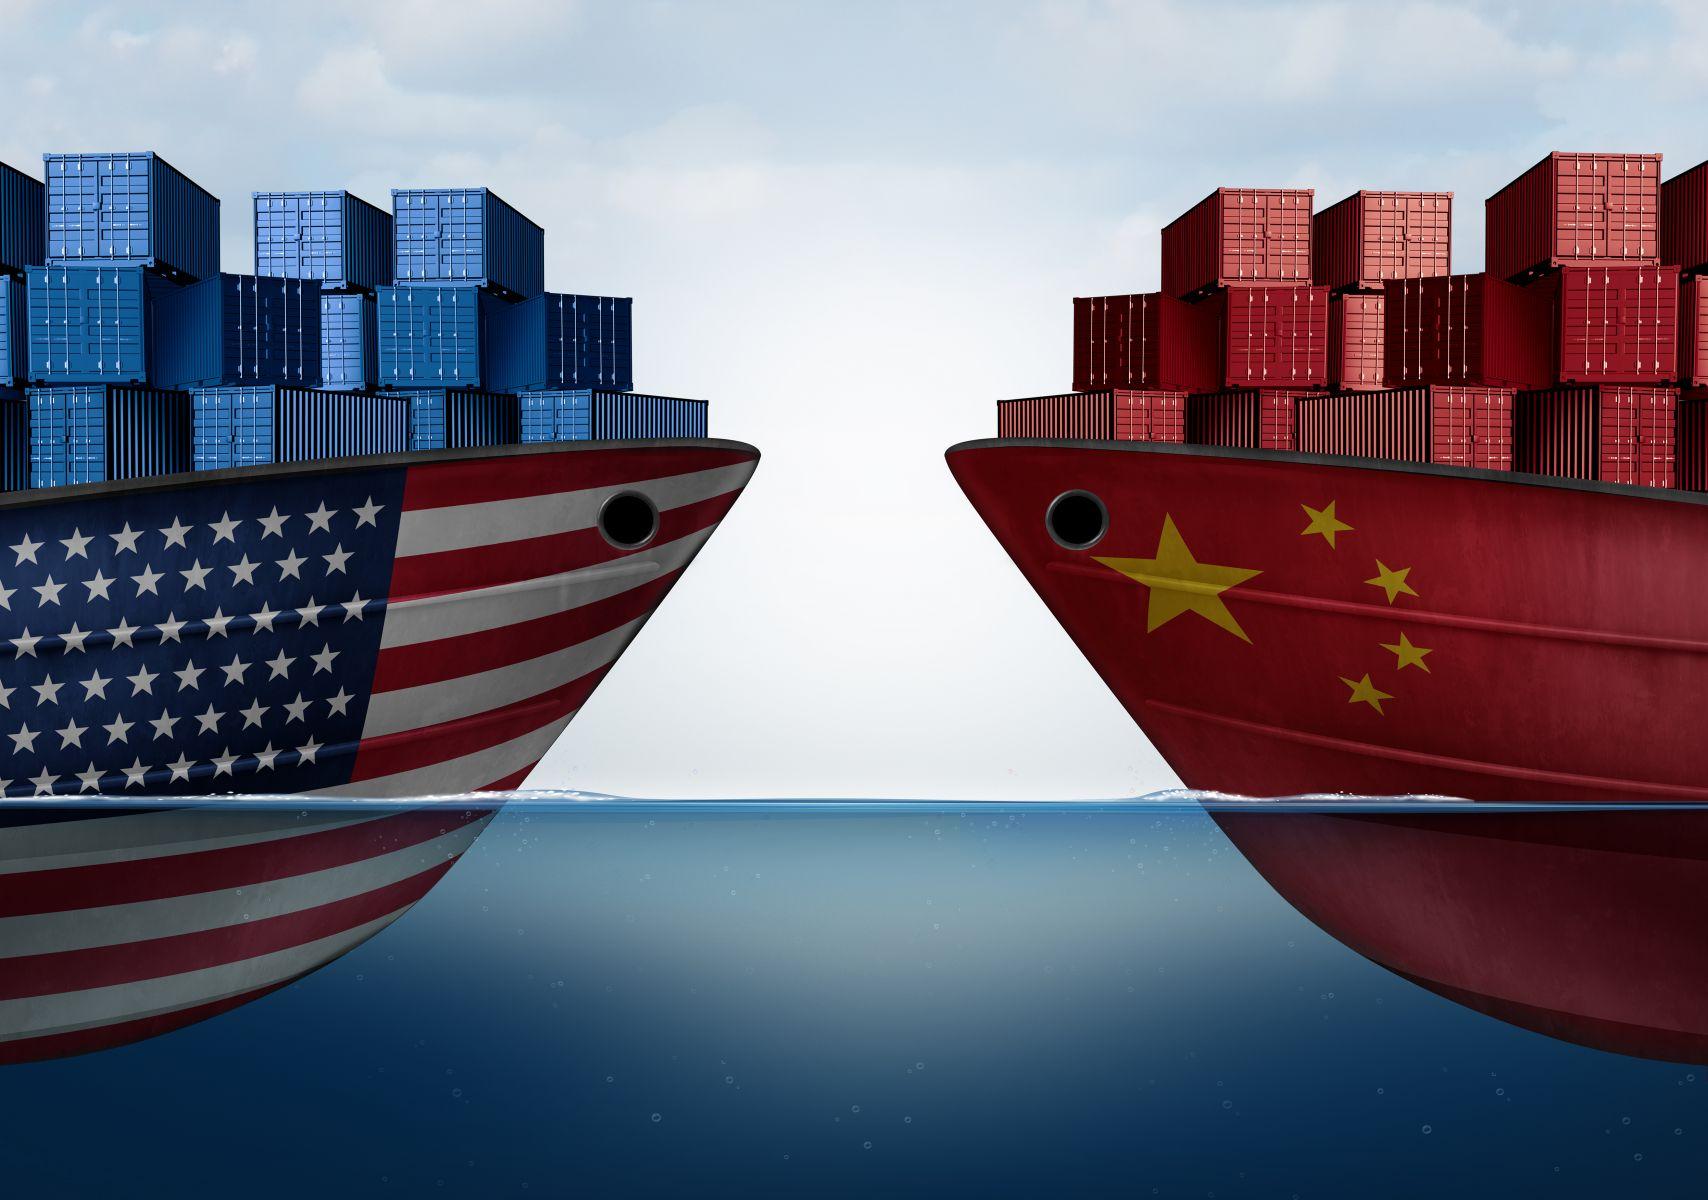 史上最大貿易戰!專家稱今年停戰無望、中國擬助企業